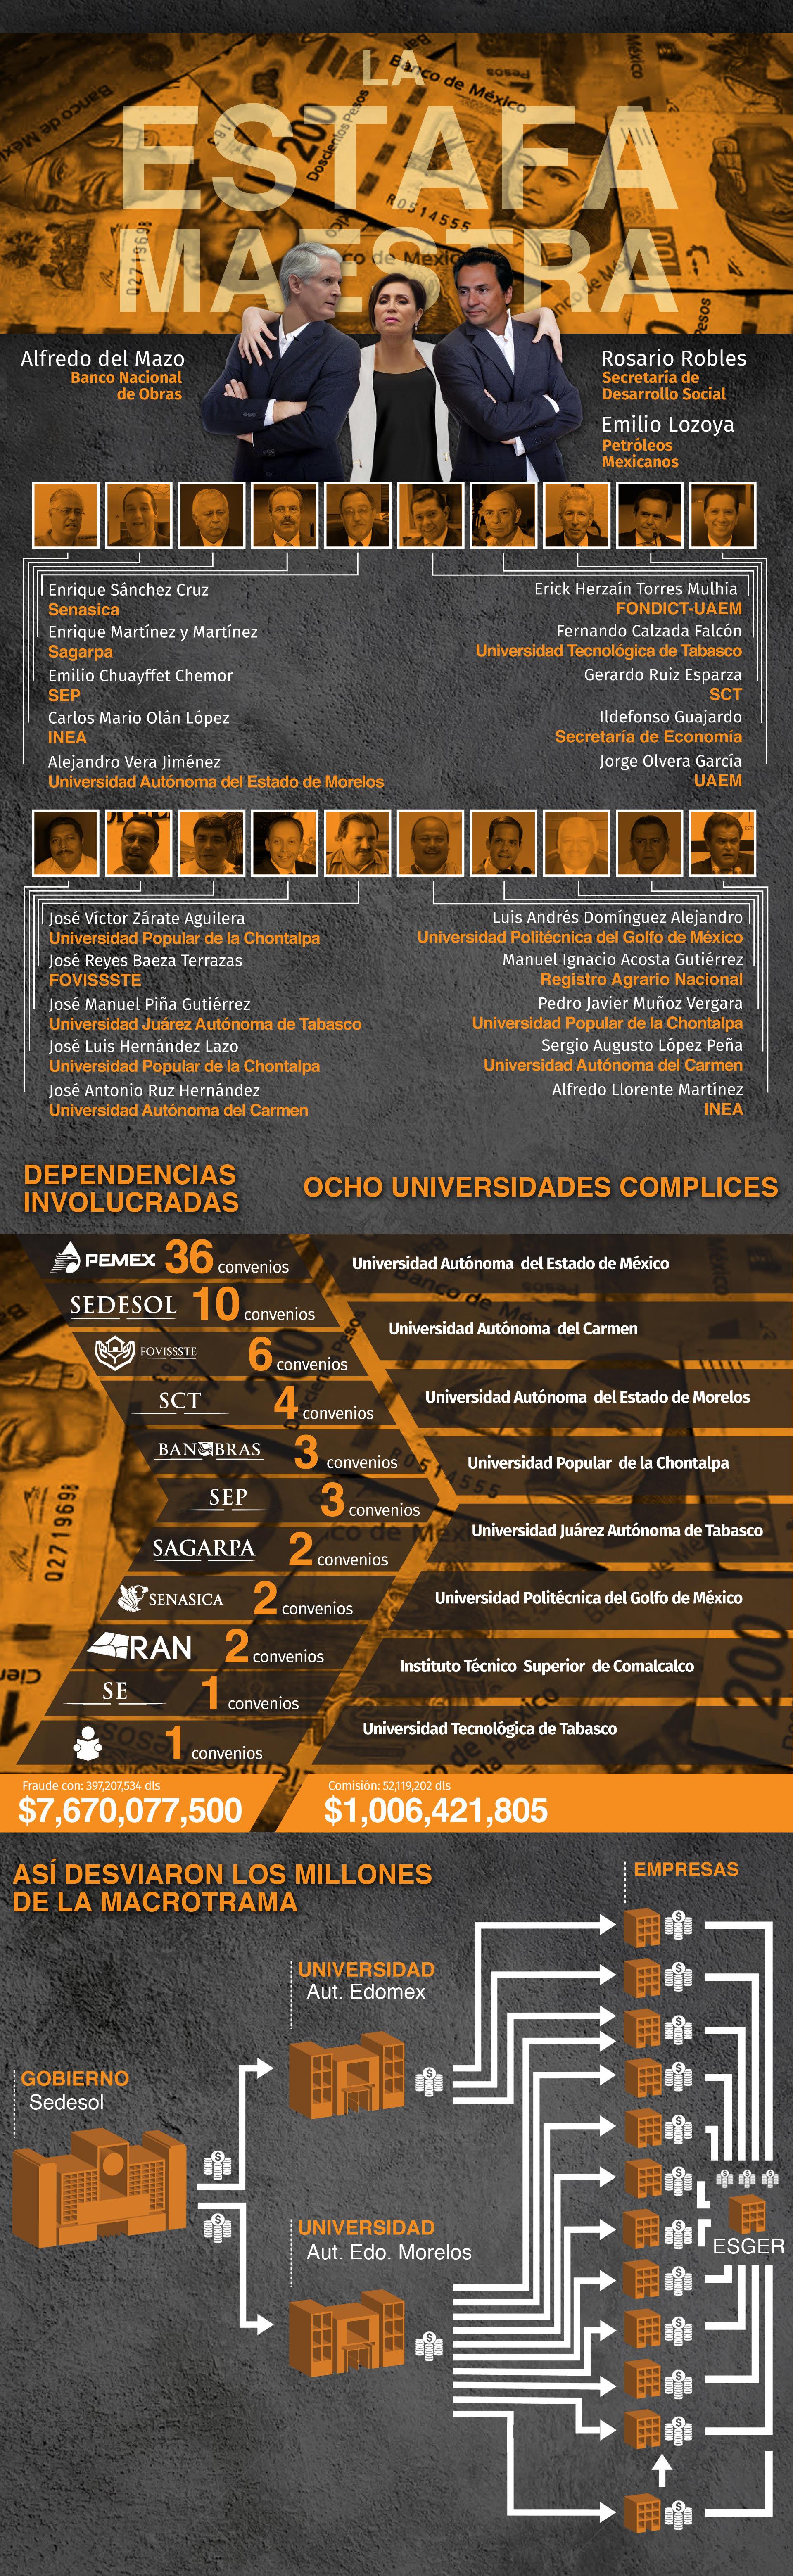 Los otros organismos gubernamentales que fueron señalados en esta investigación son el Banco Nacional de Obras (Banobras) liberado por Alfredo del Mazo y Petróleos Mexicanos, cuyo titular era Emilio Lozoya  (Infografía: Infobae, Jovani Silva)